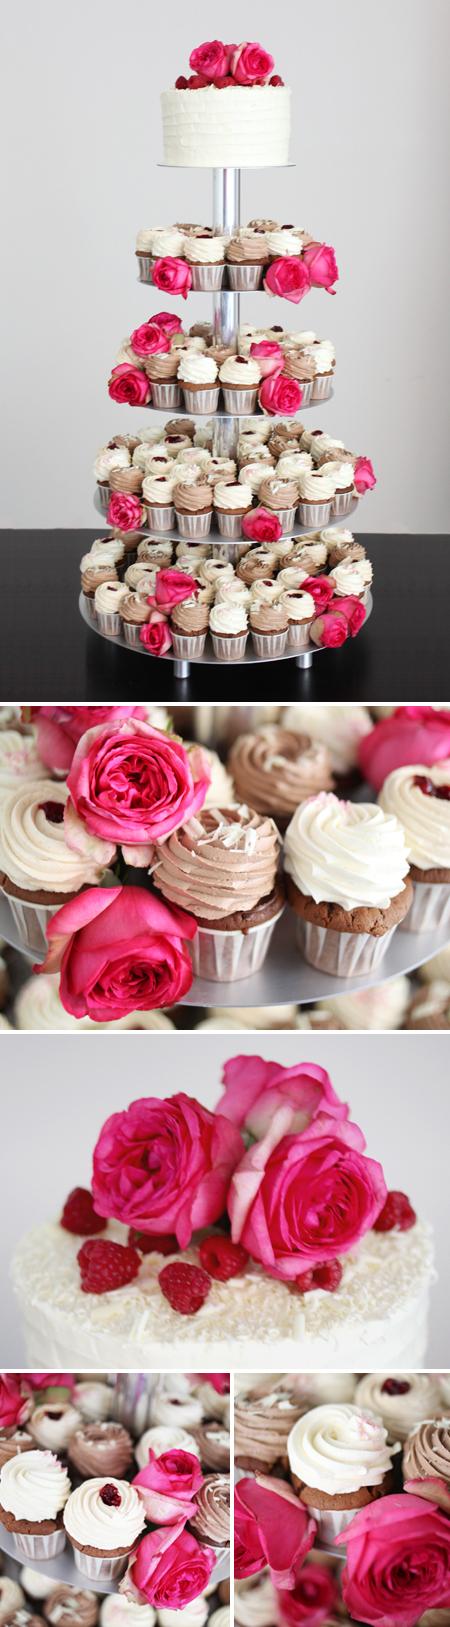 Cupcake Hochzeitstorte mit Rosen